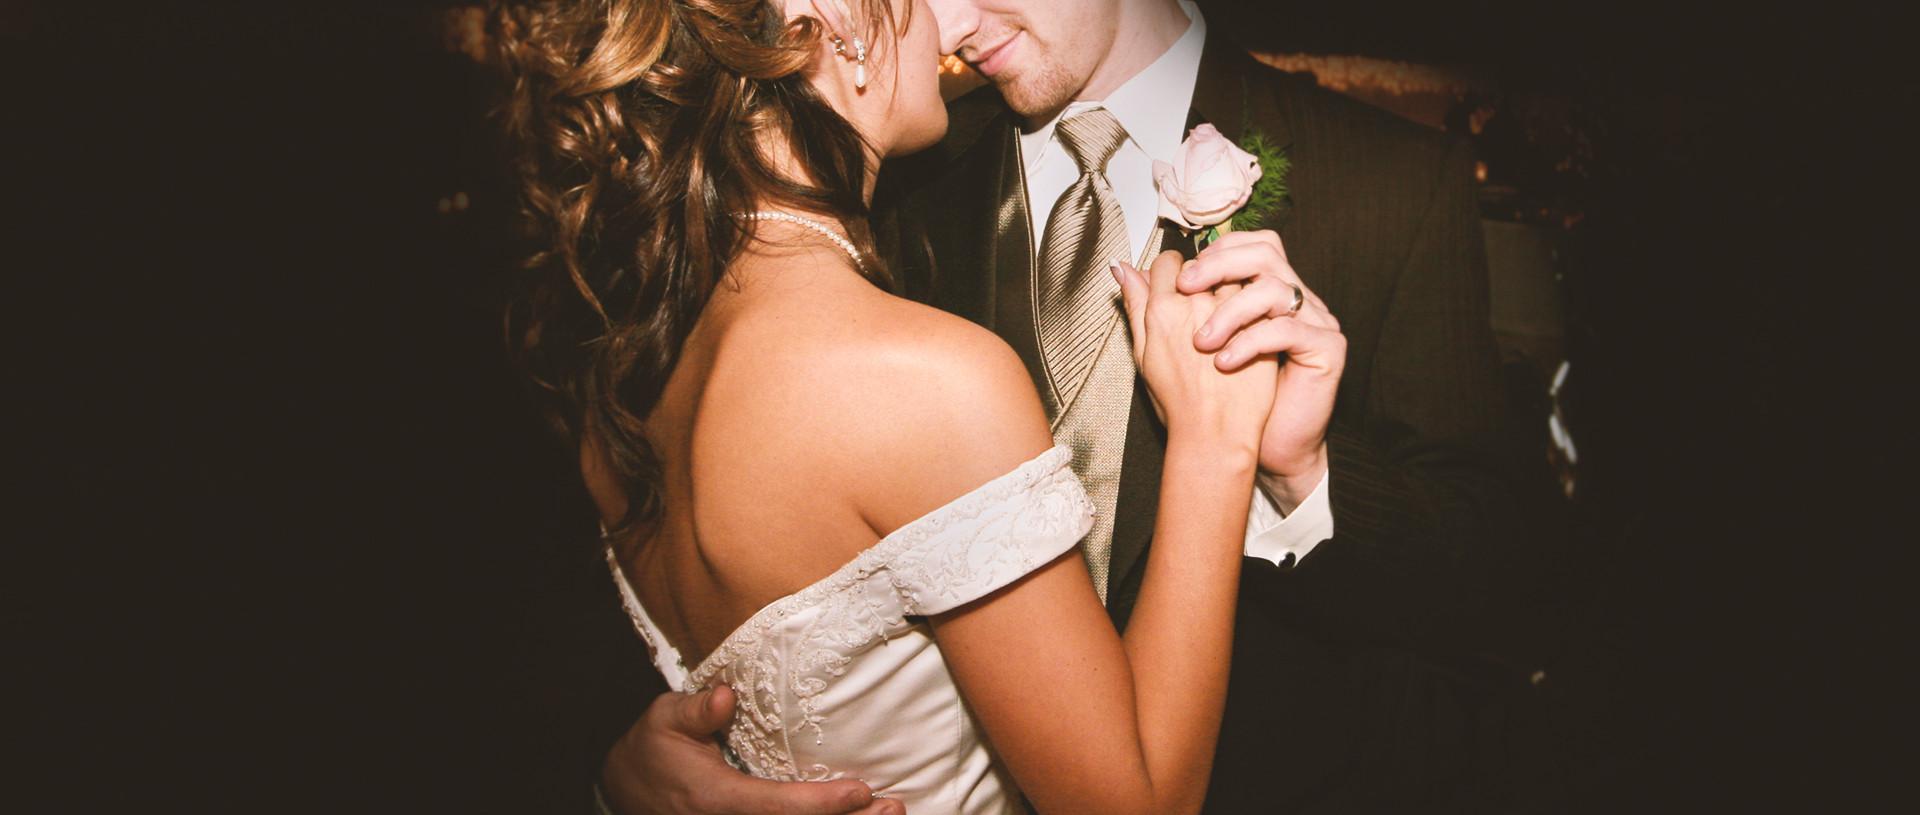 Couple on Wedding